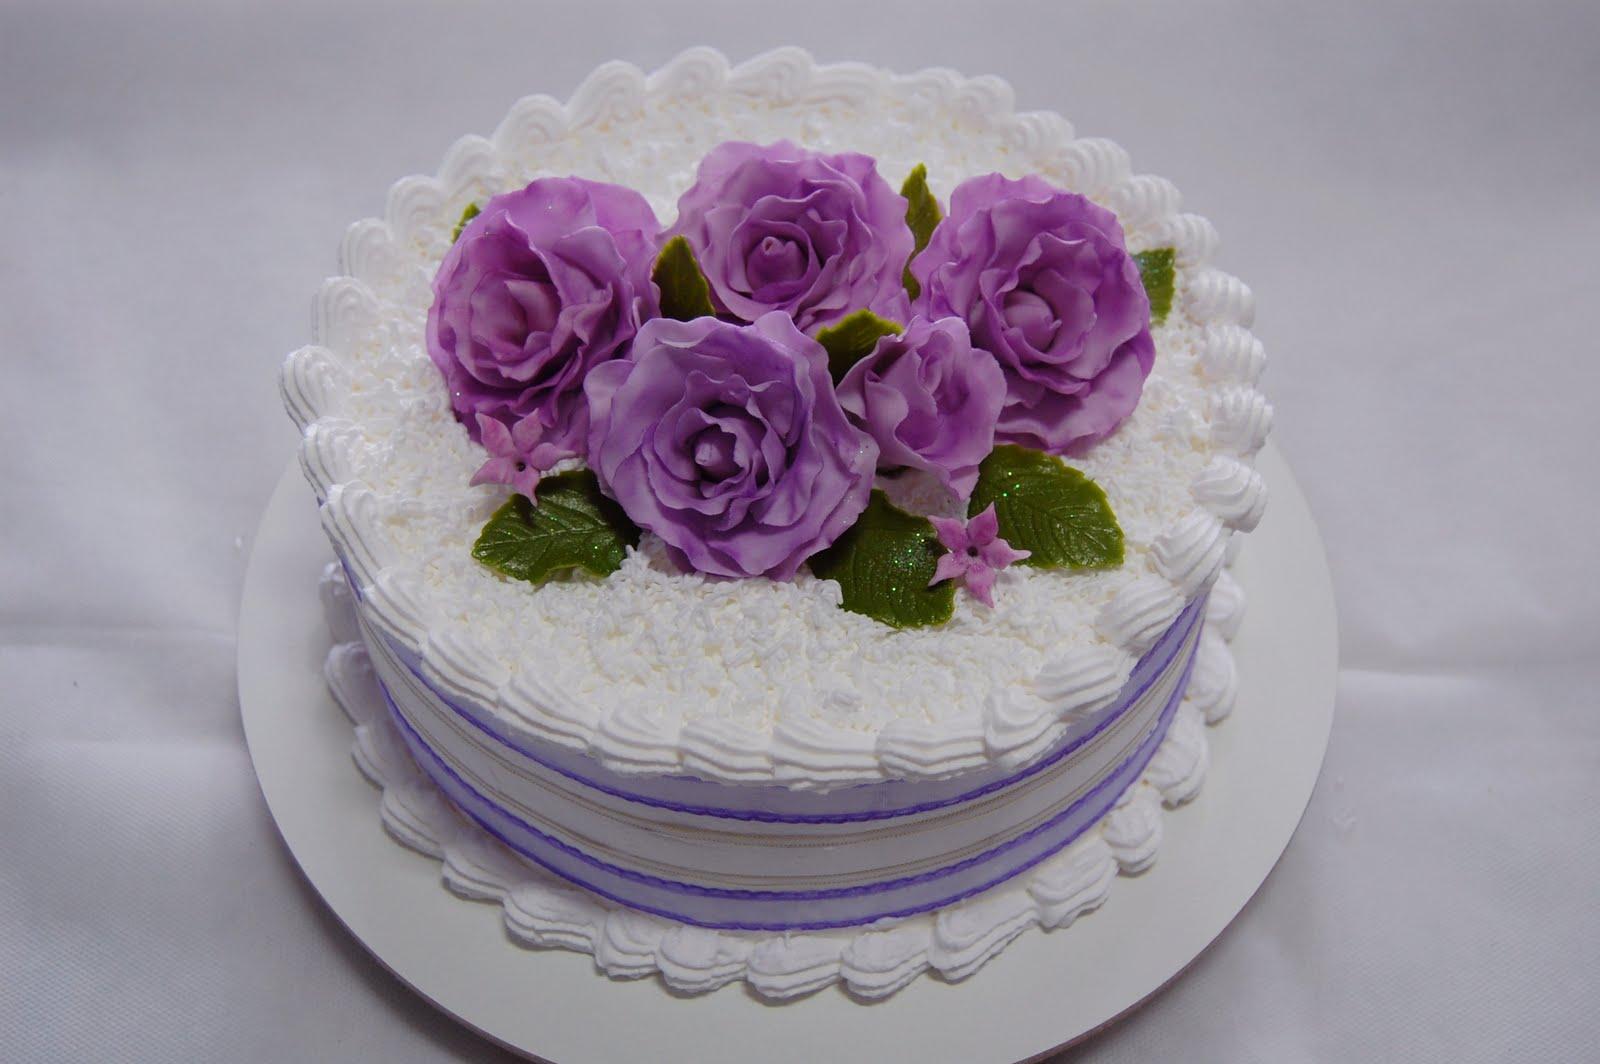 Fernanda e a torta de brigadeiro com porra - 2 part 2